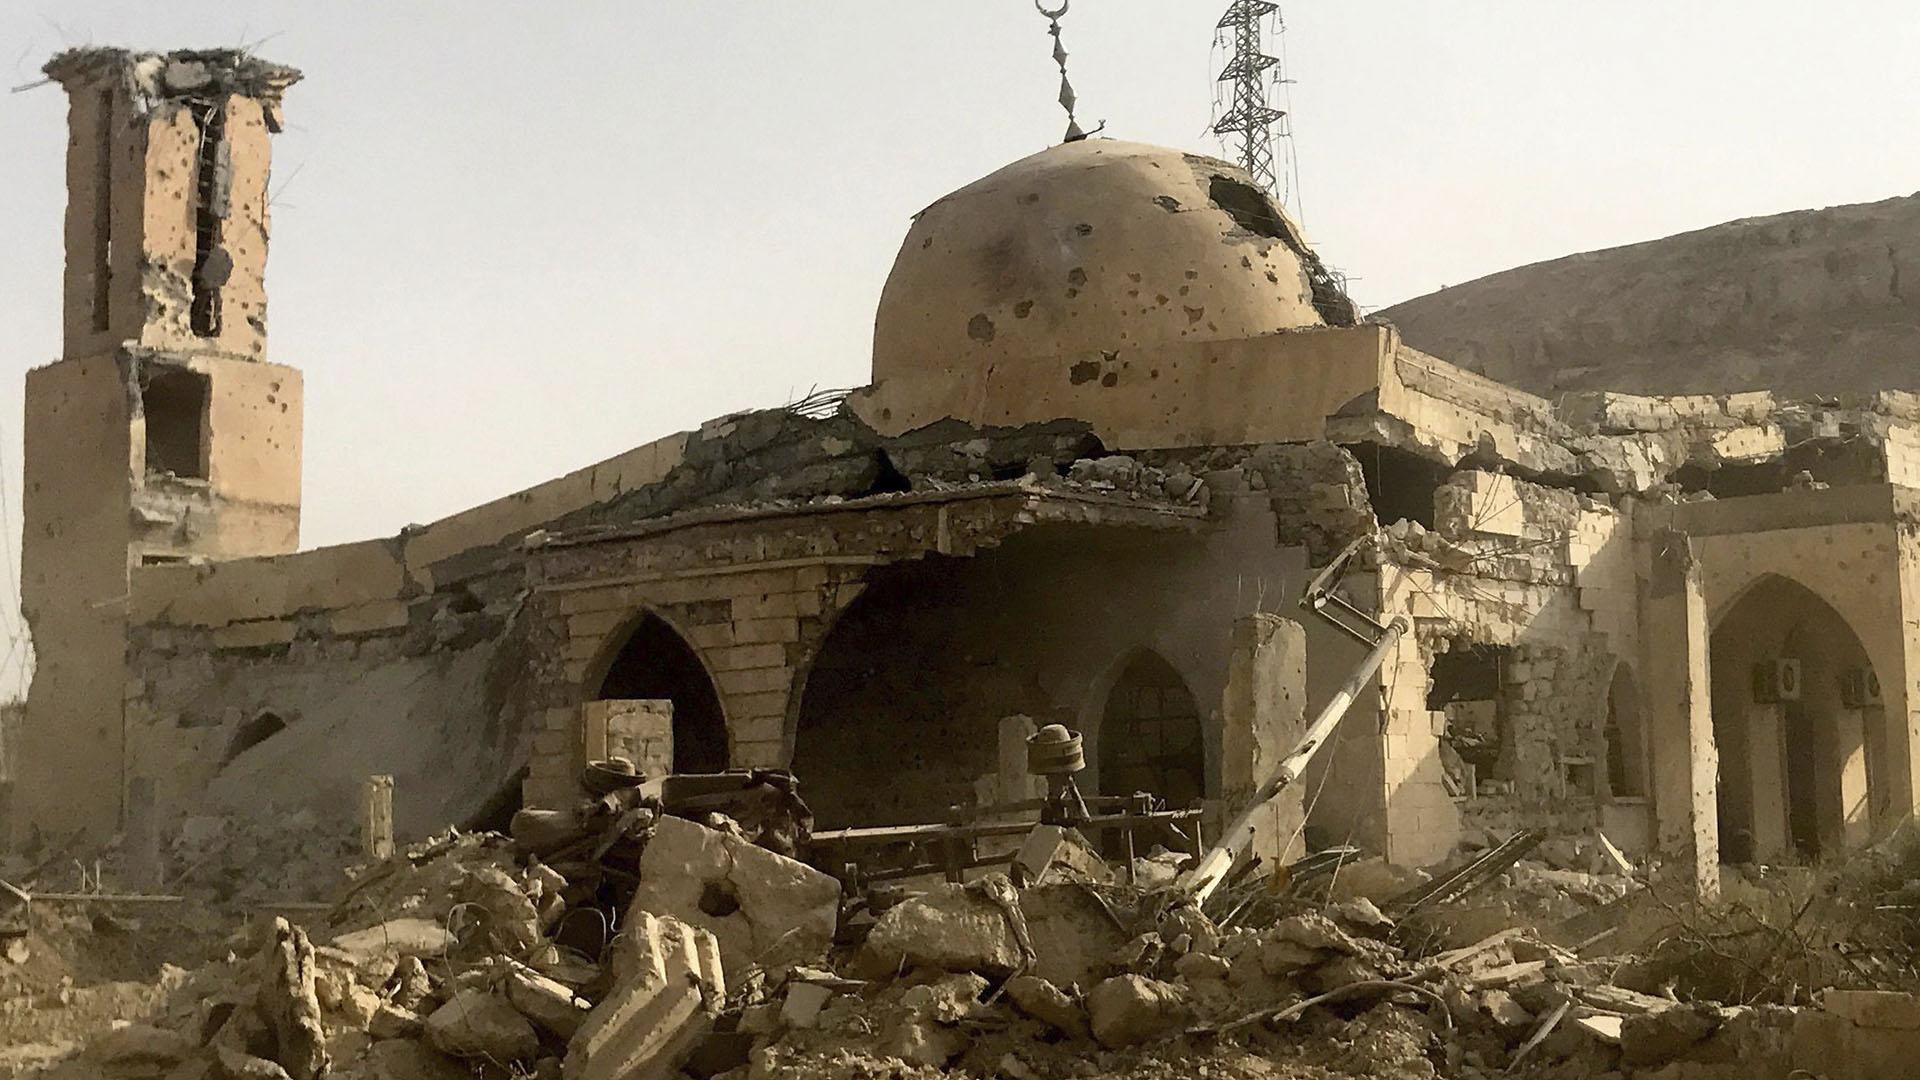 Una mezquita destruida en Deir Ezzour, Siria, en noviembre pasado. En esa ciudad devastada un bombardeo de los Estados Unidos terminó con la vida de mercenarios rusos negados por Moscú (Getty)